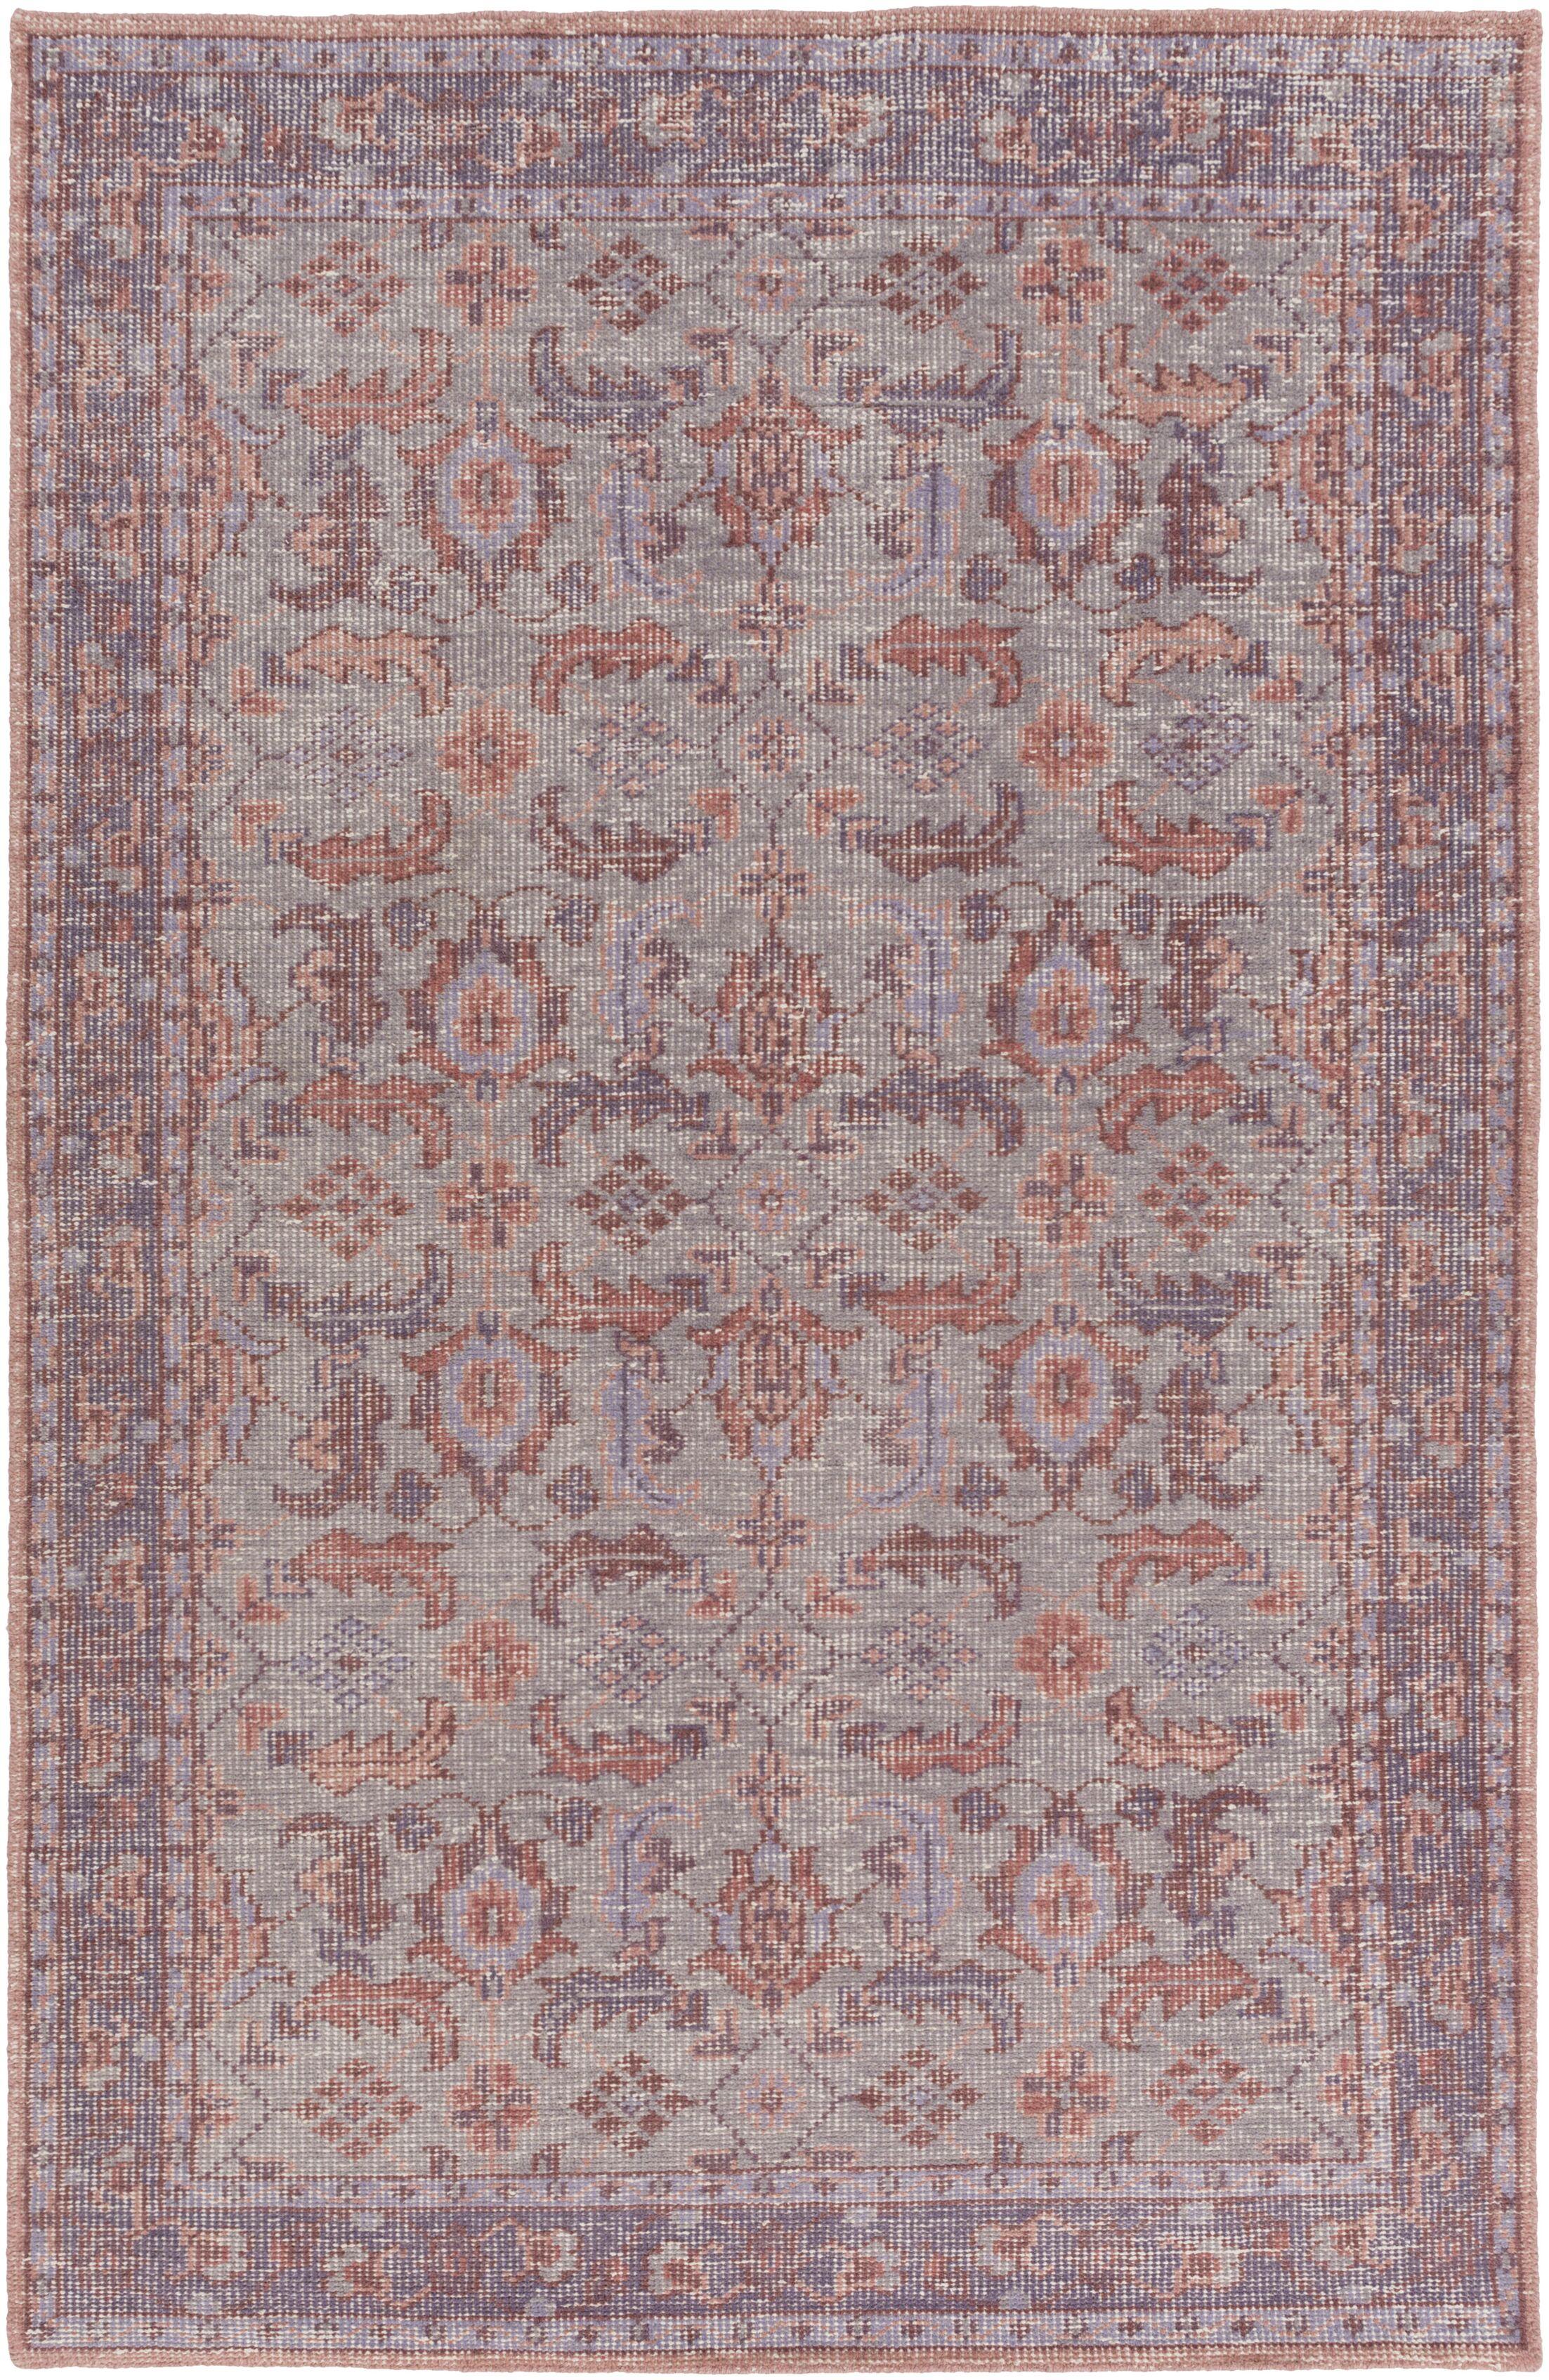 Heerhugowaard Hand-Hooked Purple Area Rug Rug Size: Rectangle 2' x 3'